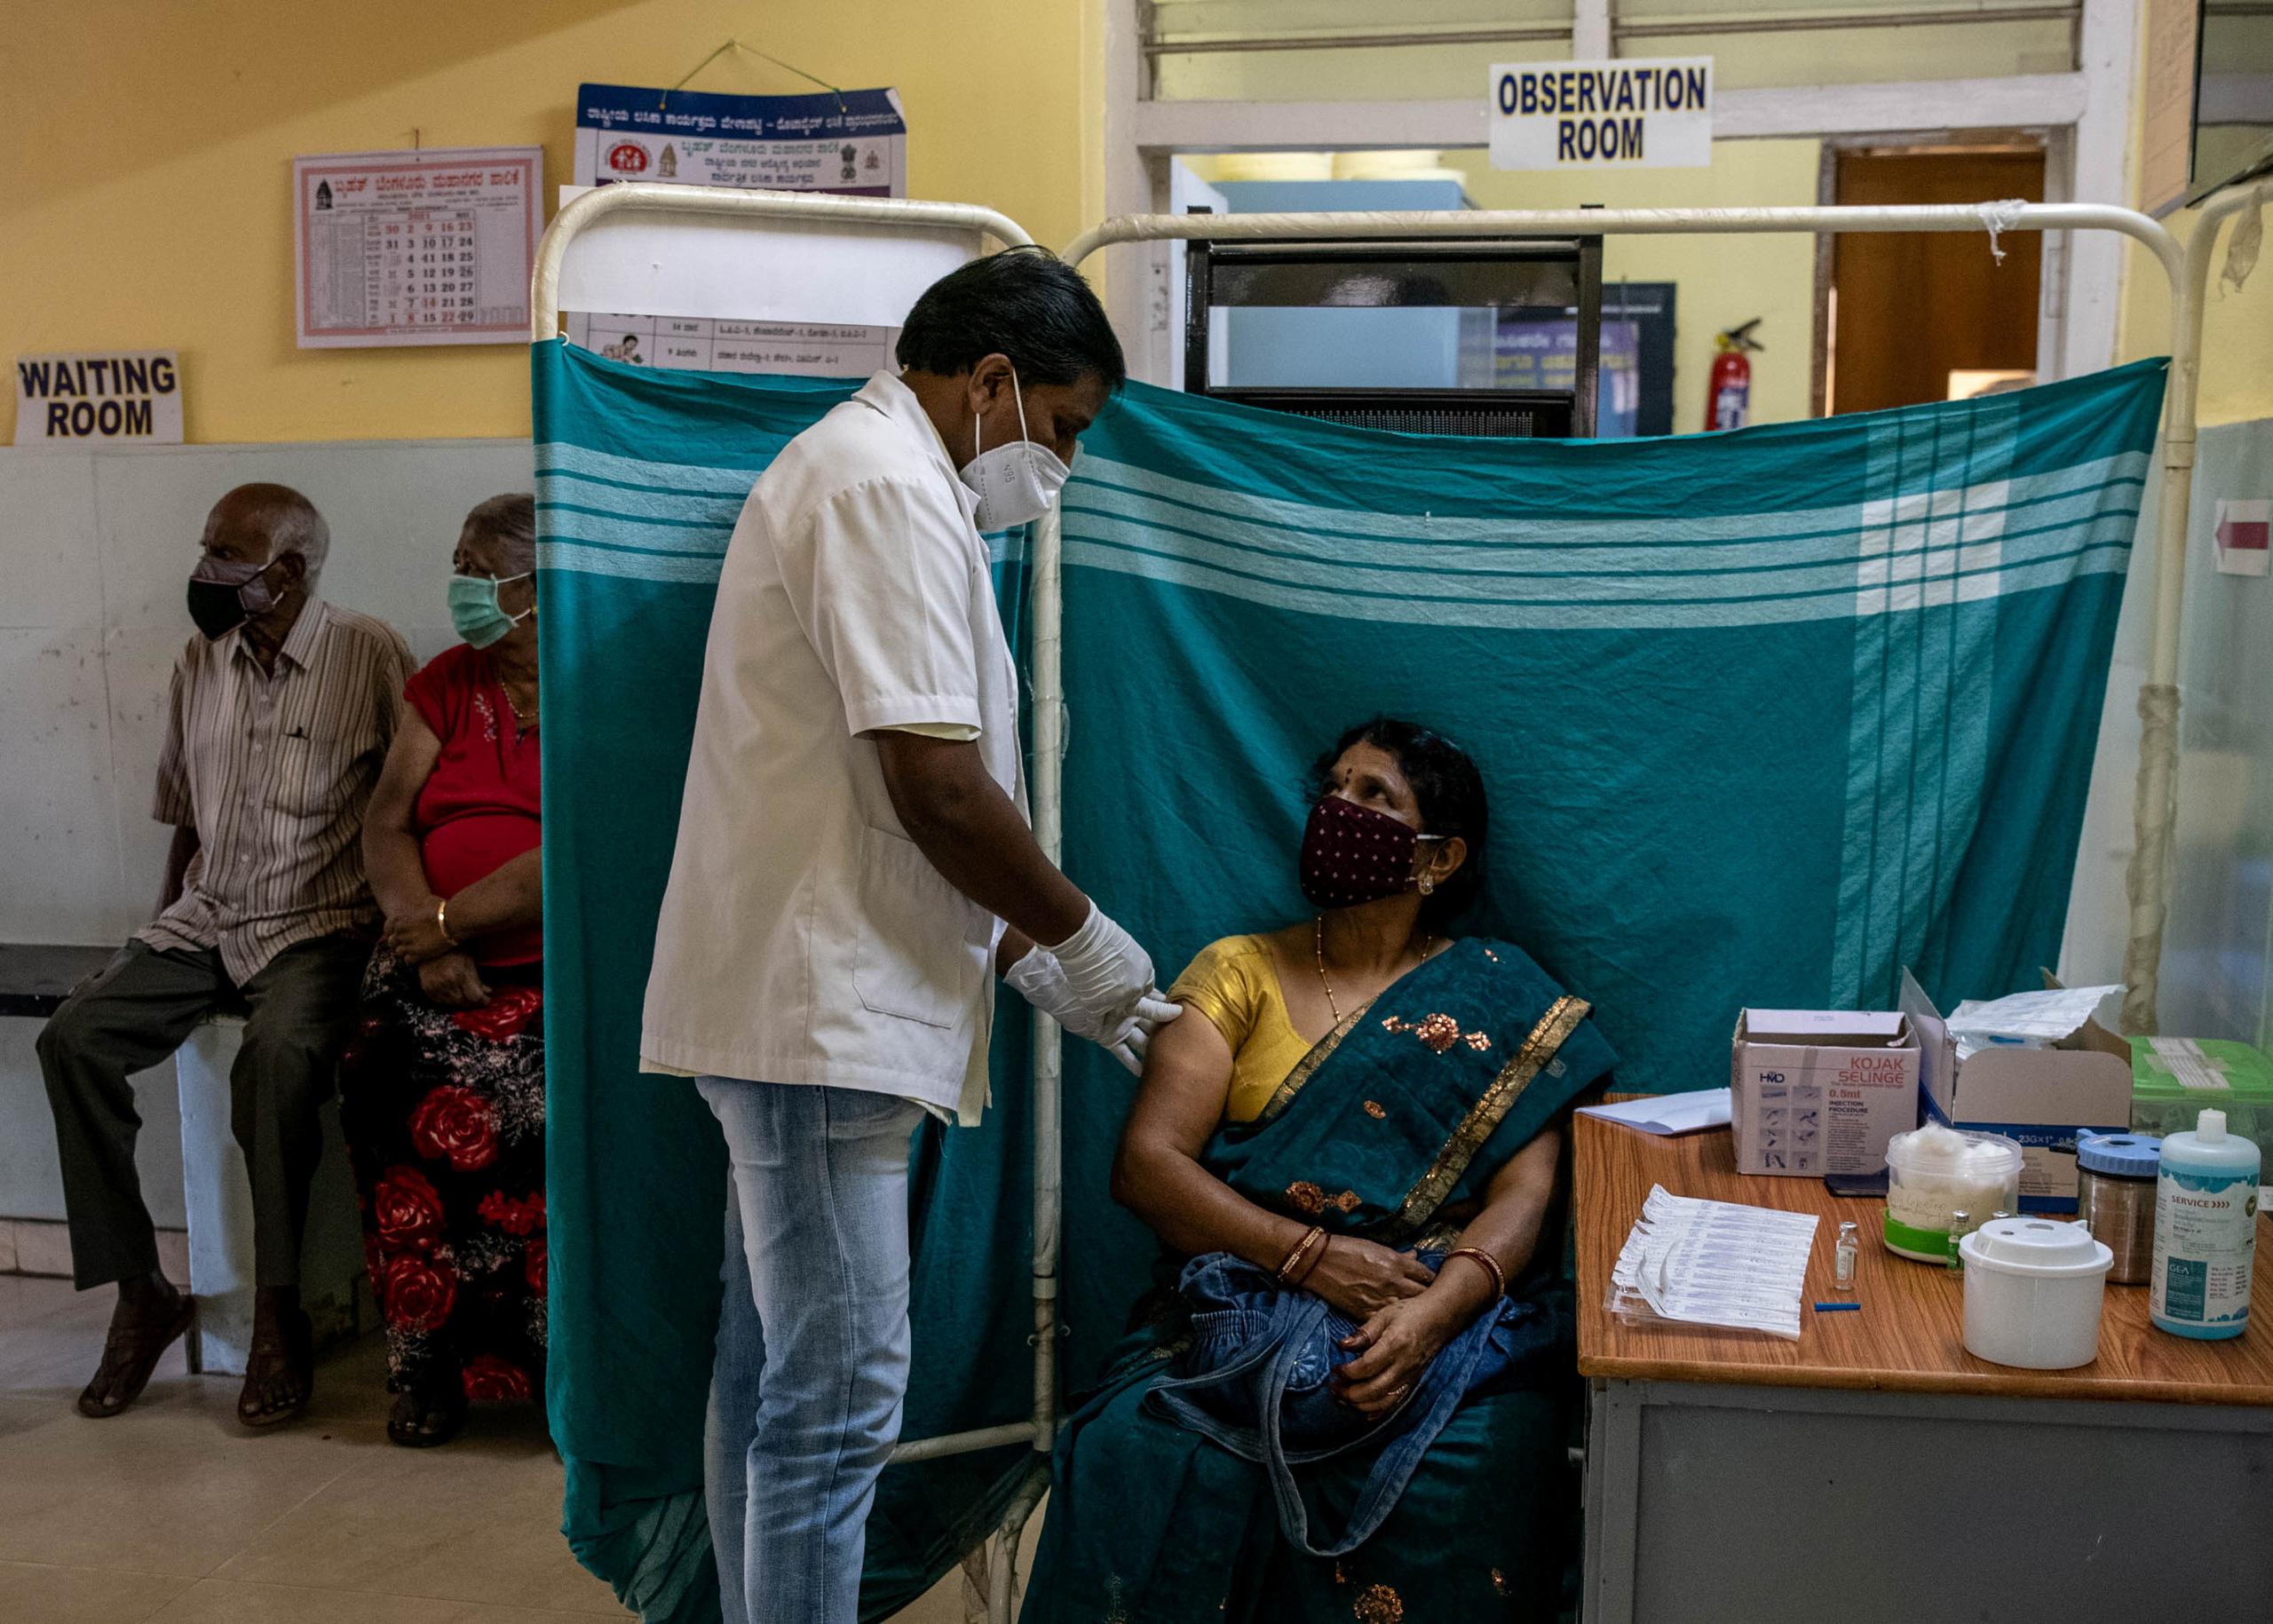 Hơn 4.000 người Ấn Độ tử vong mỗi ngày trong bối cảnh thiếu thốn vắc xin - Ảnh 1.